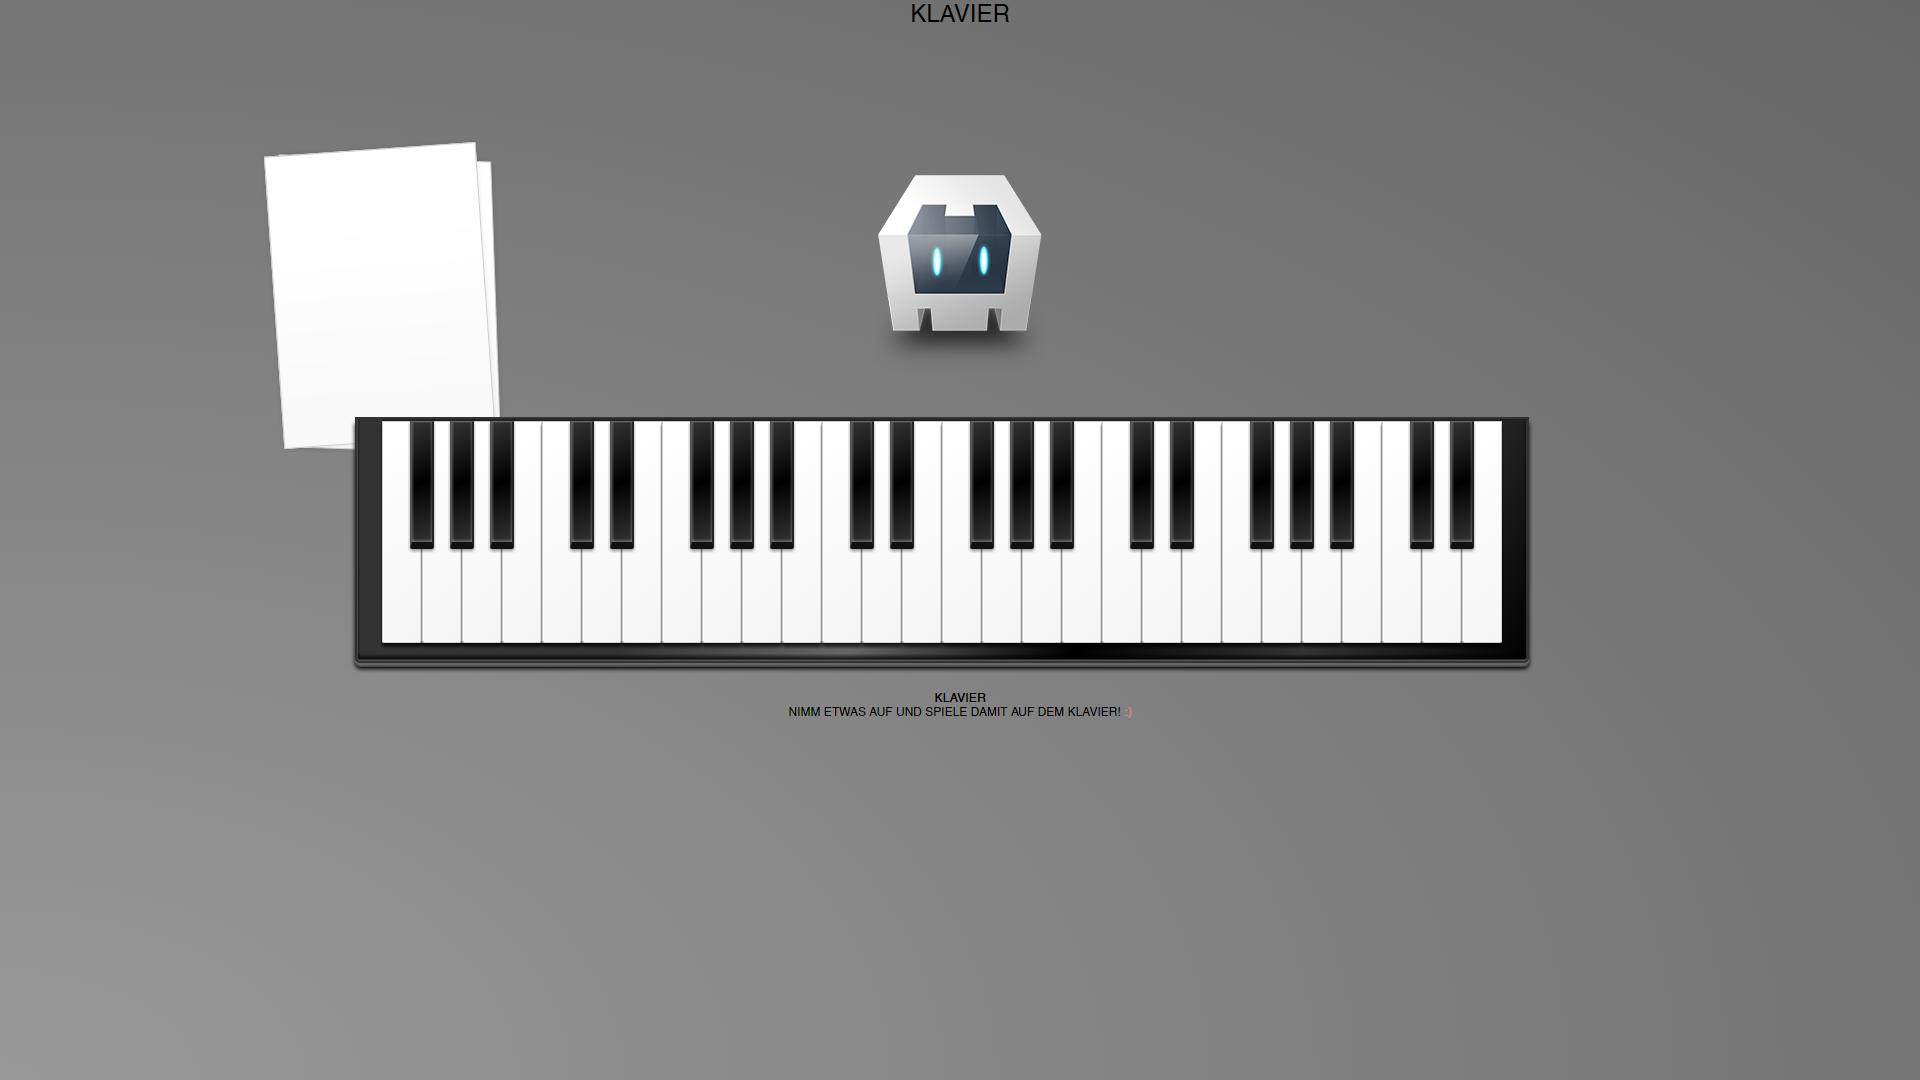 Klavier App in der Browser Vorentwicklung